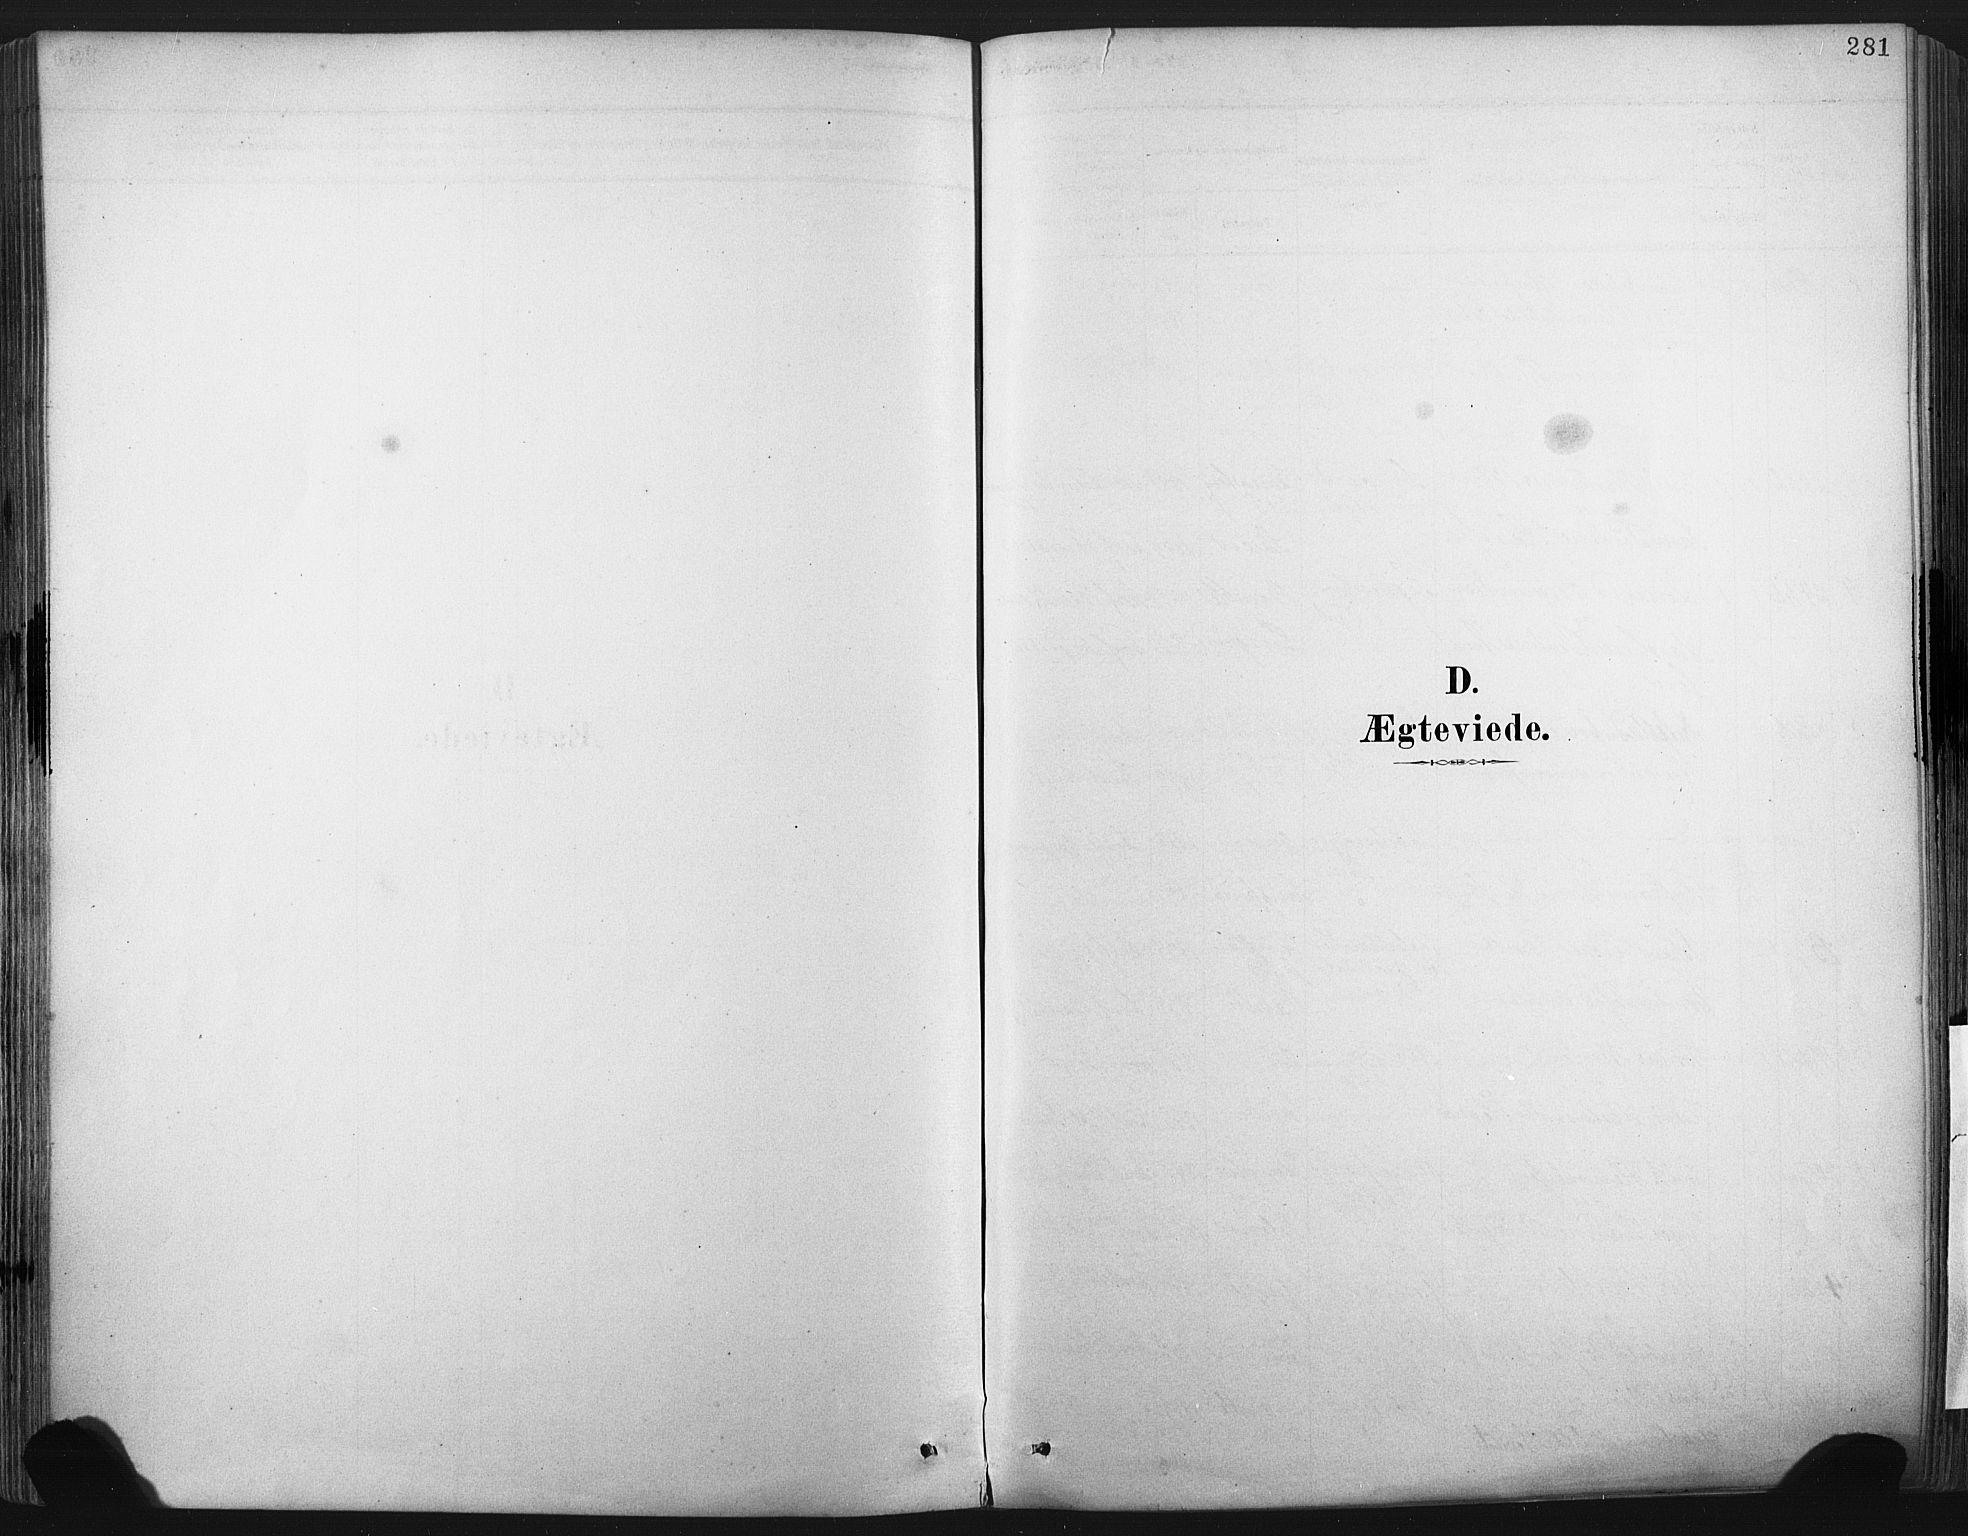 SAKO, Porsgrunn kirkebøker , F/Fa/L0008: Ministerialbok nr. 8, 1878-1895, s. 281